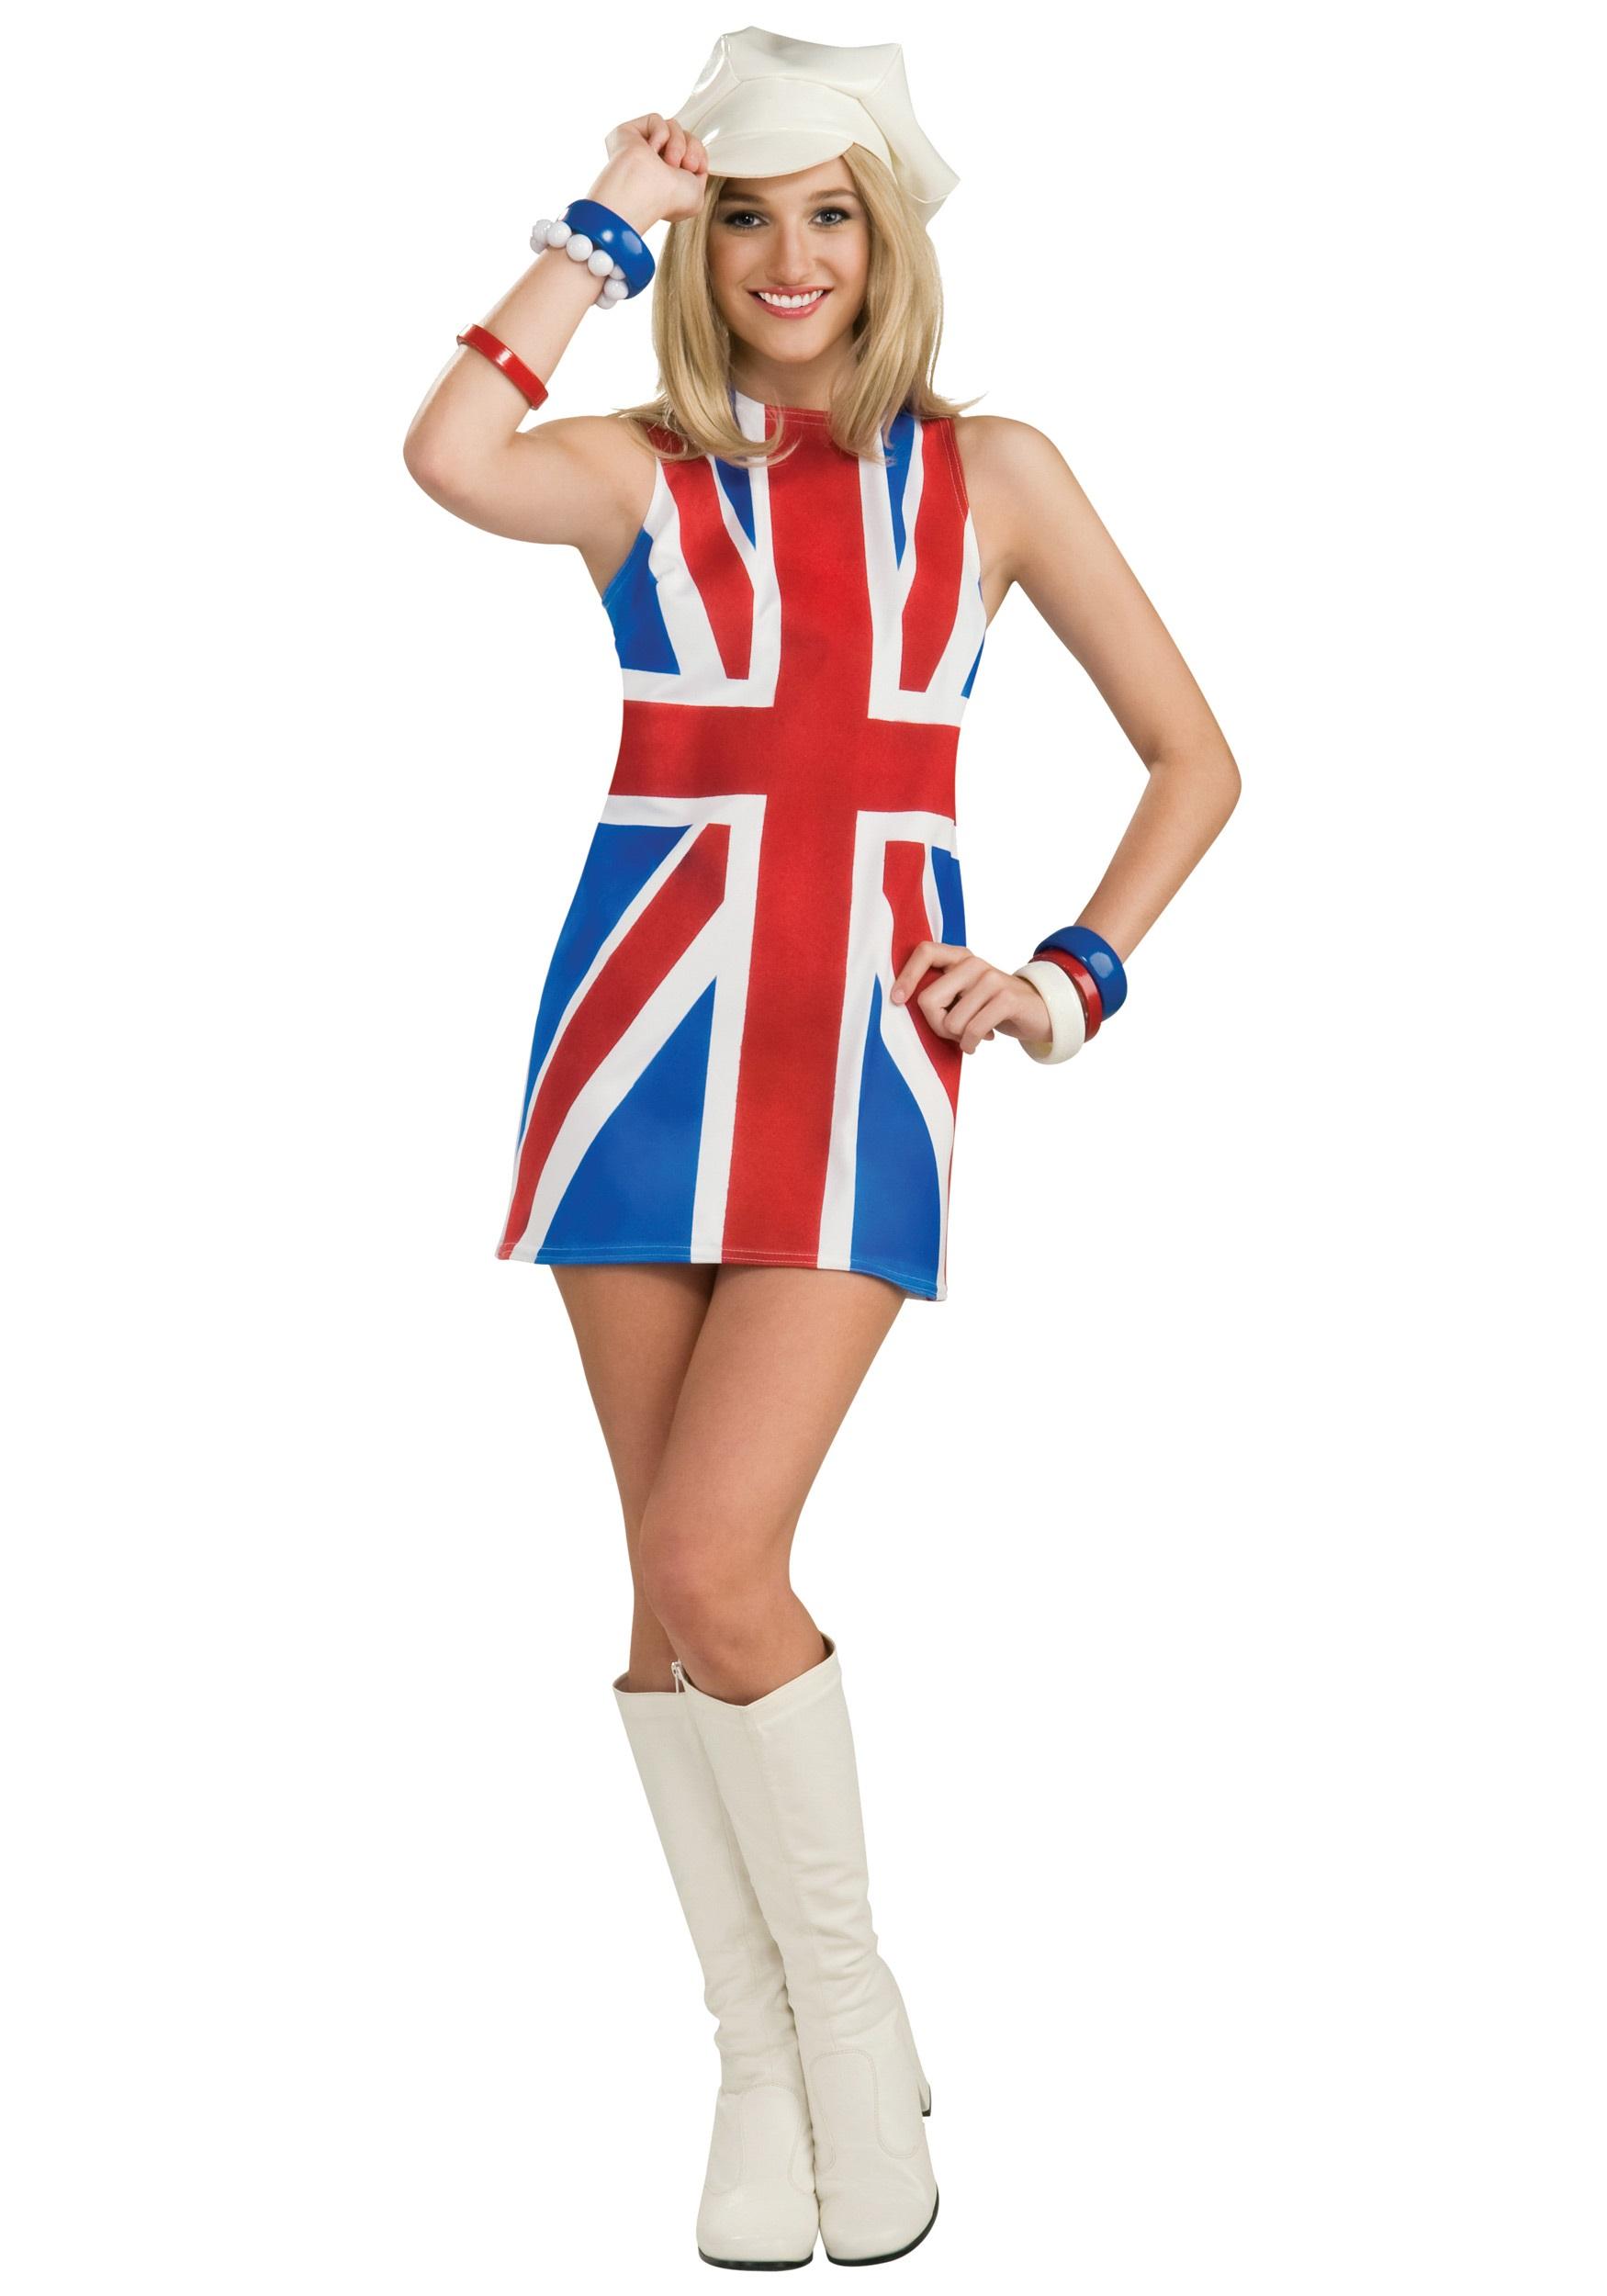 Sexy Womens British Invasion Costume  sc 1 st  Halloween Costume & Sexy Womens British Invasion Costume - Womenu0027s Austin Powers Costumes